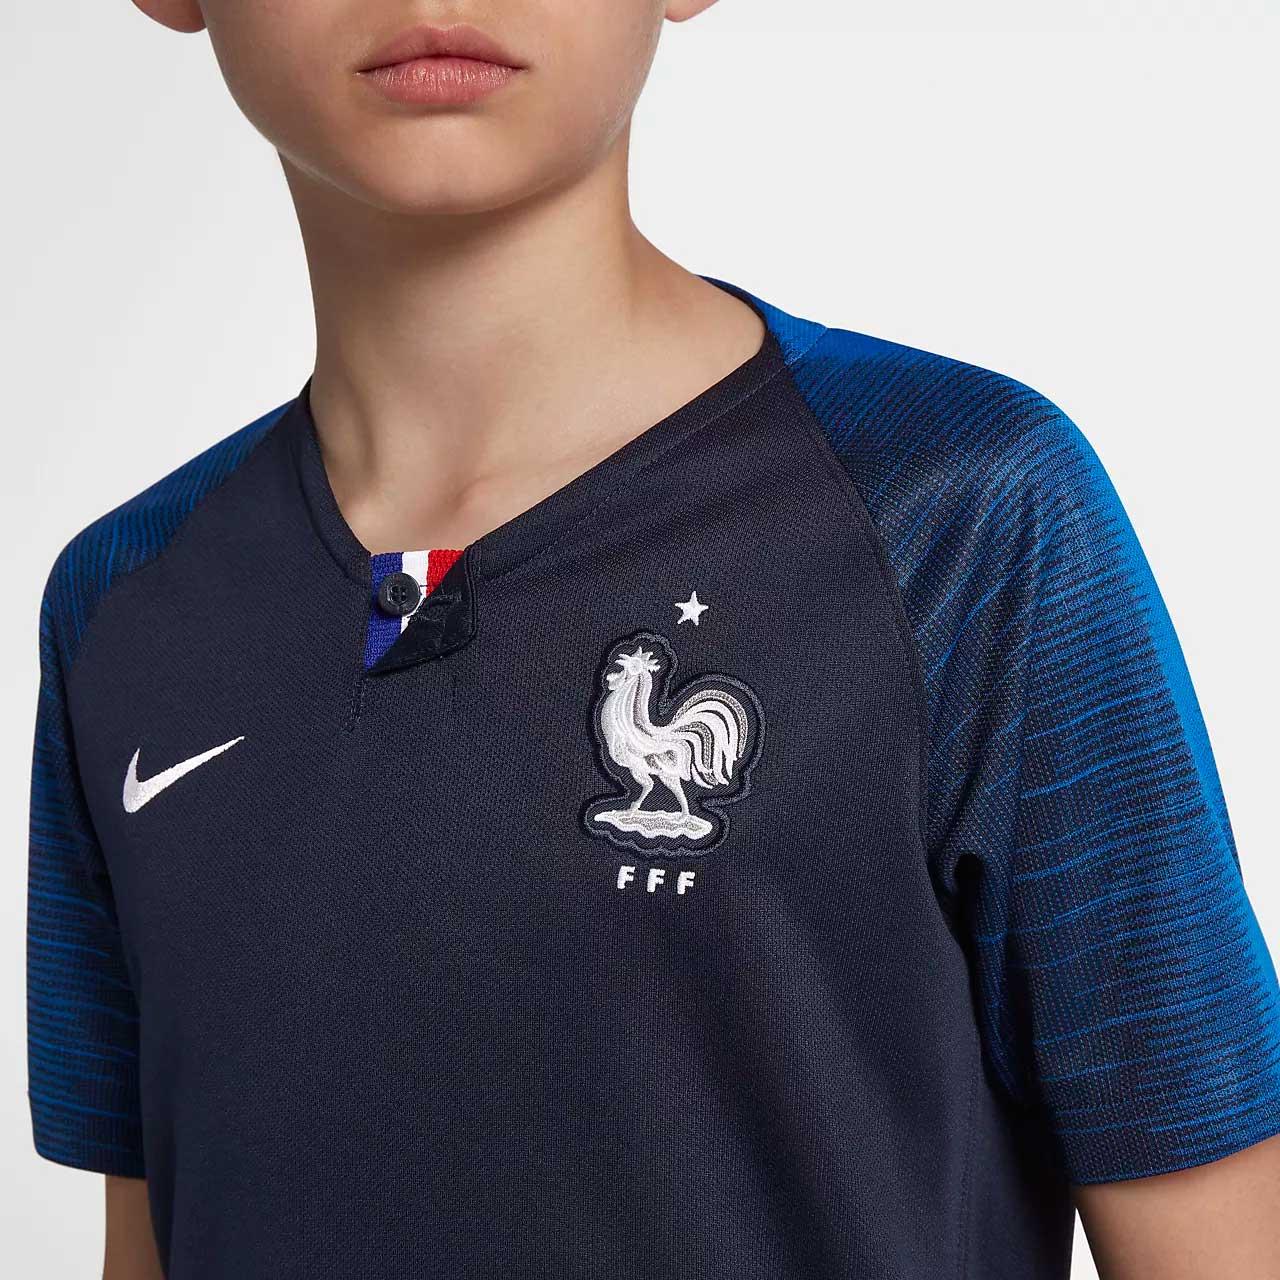 Camisa França Home Nike 2018 Infantil